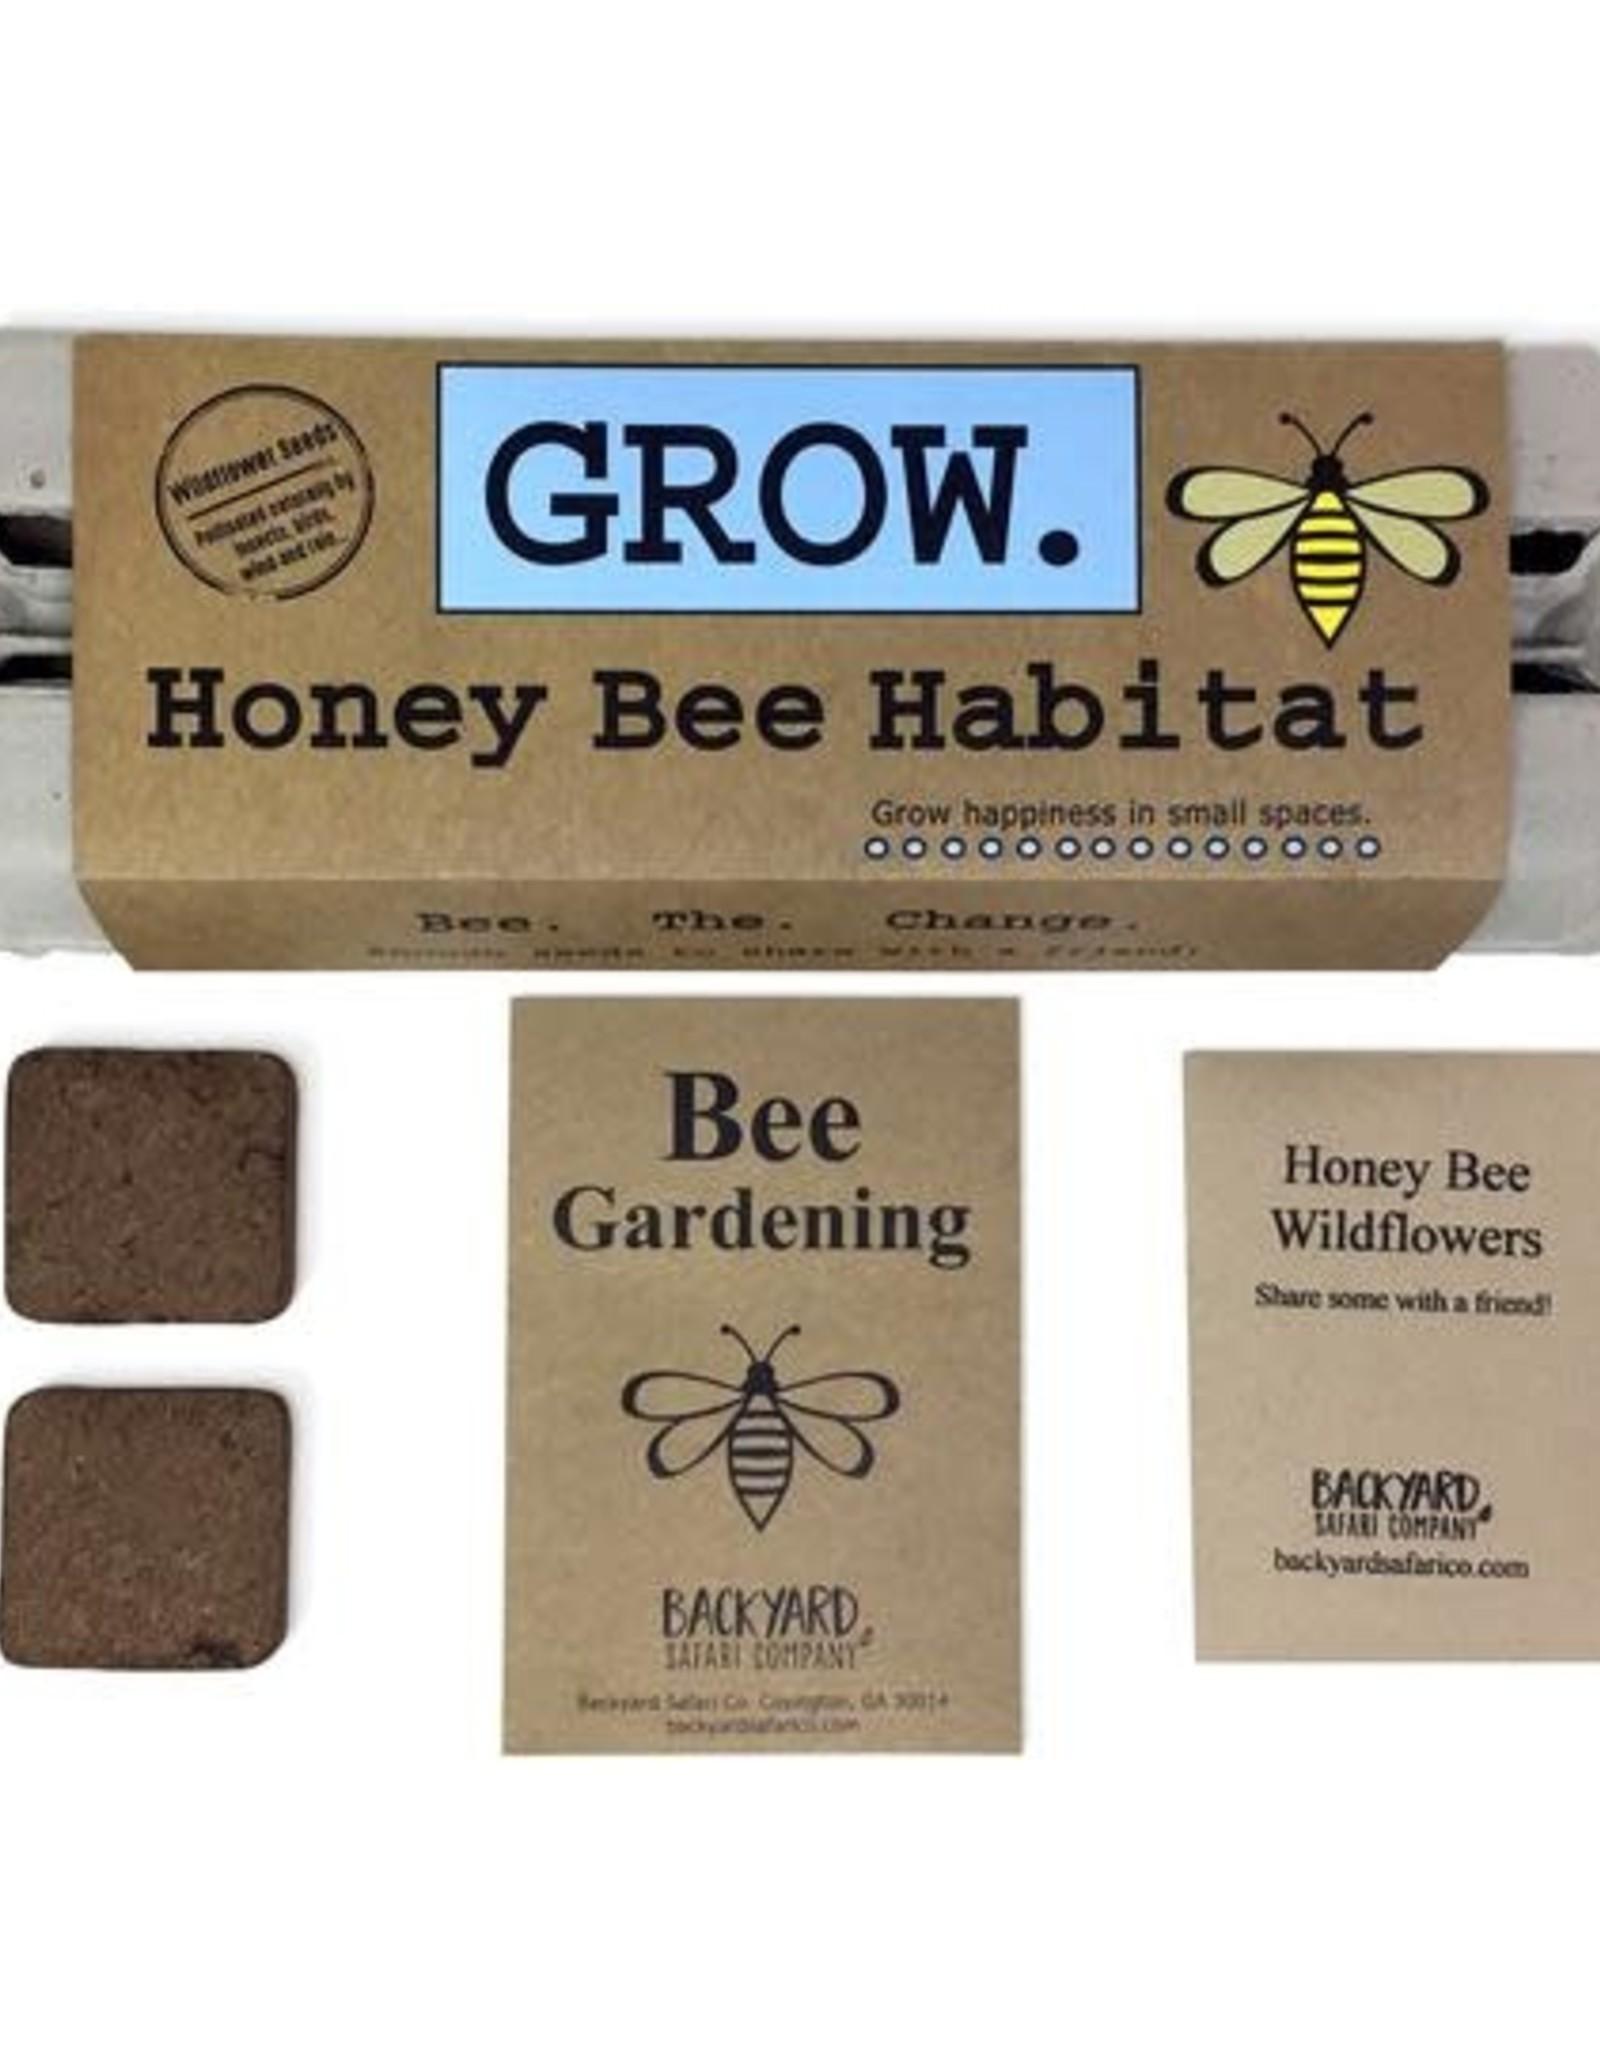 BSf-Co Grow Honey Bee Habitat